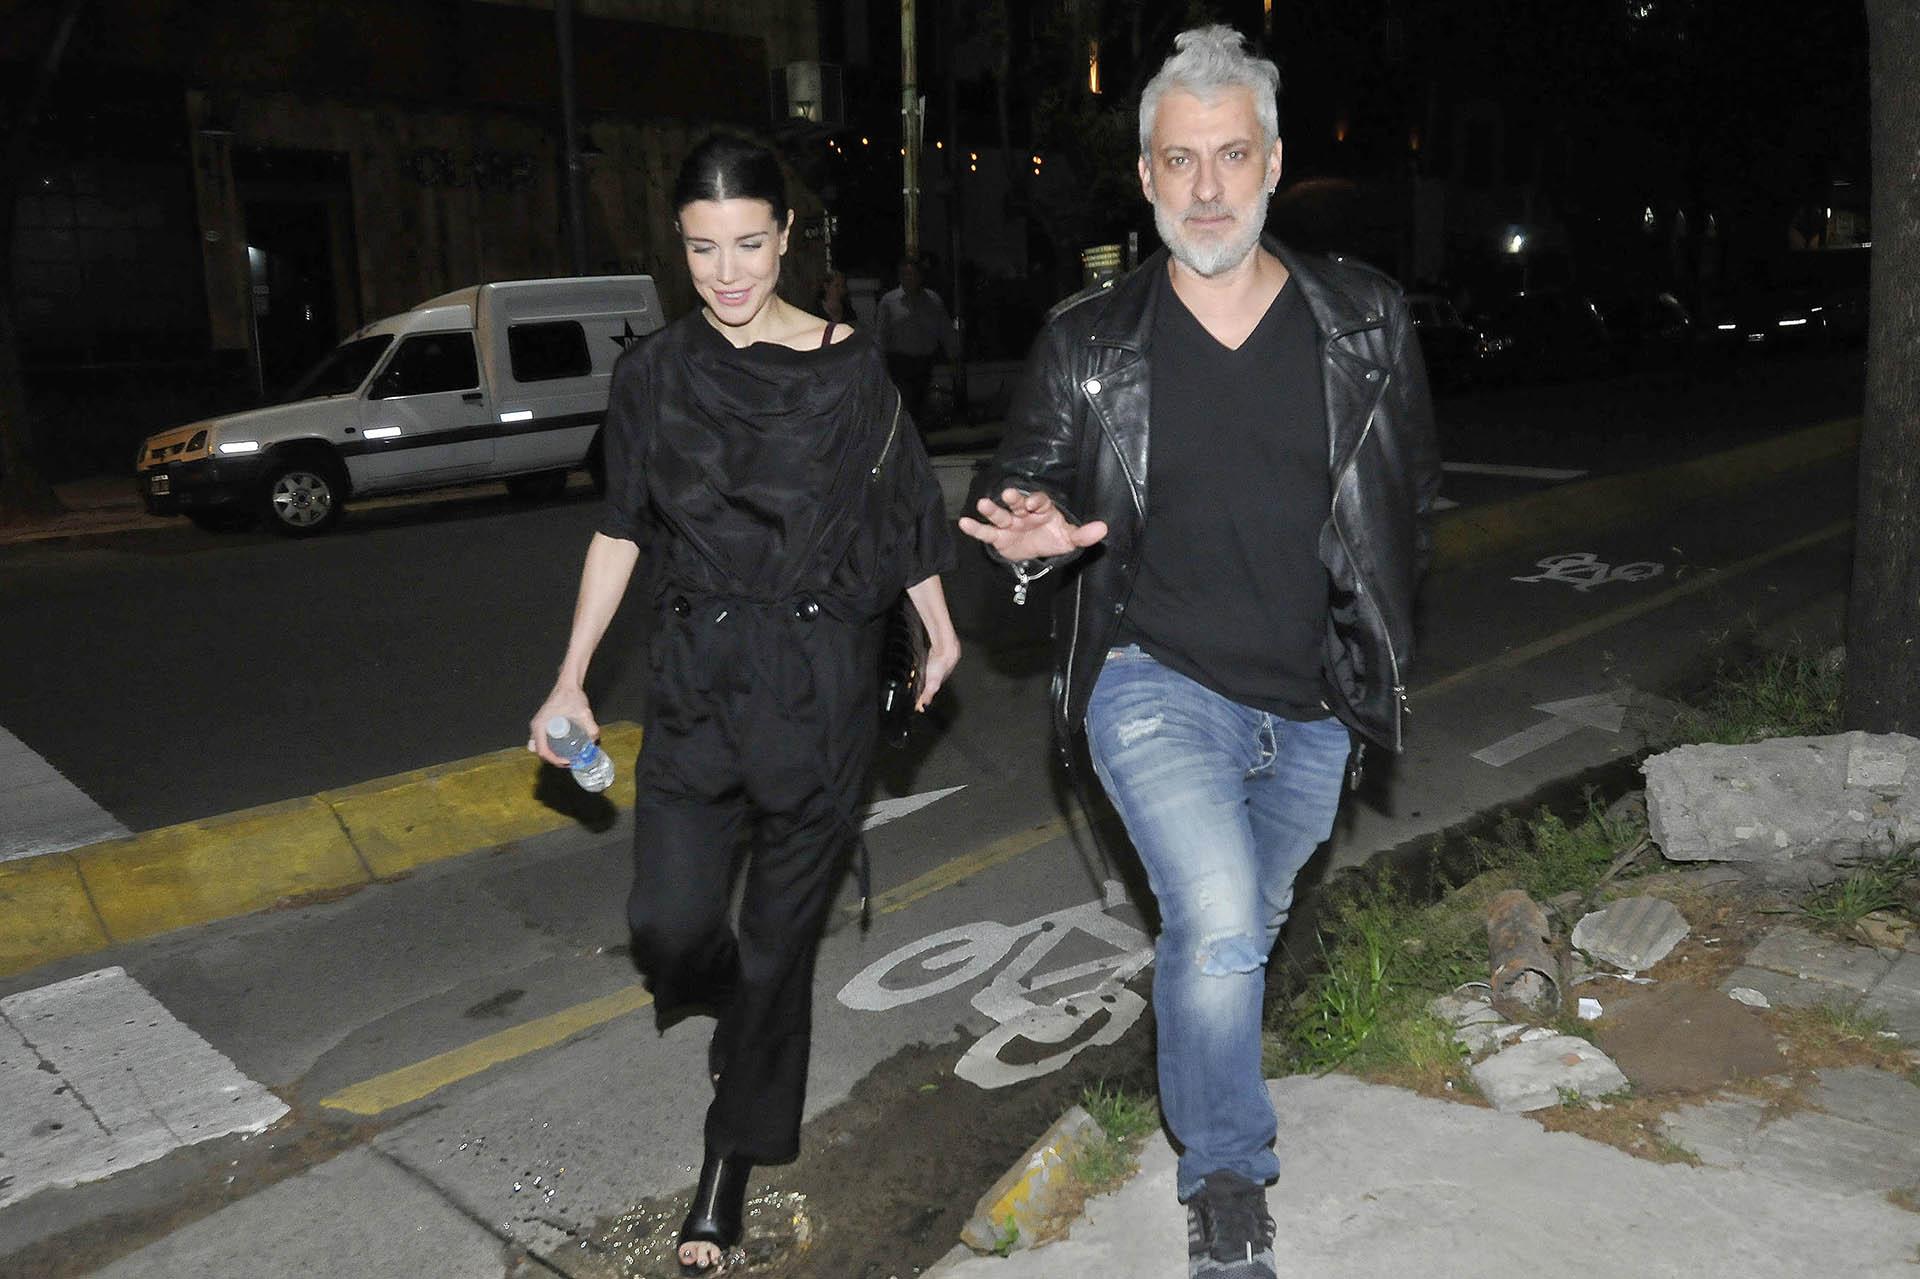 Andrea Rincón y José Palazzo, el mánager de Charly García